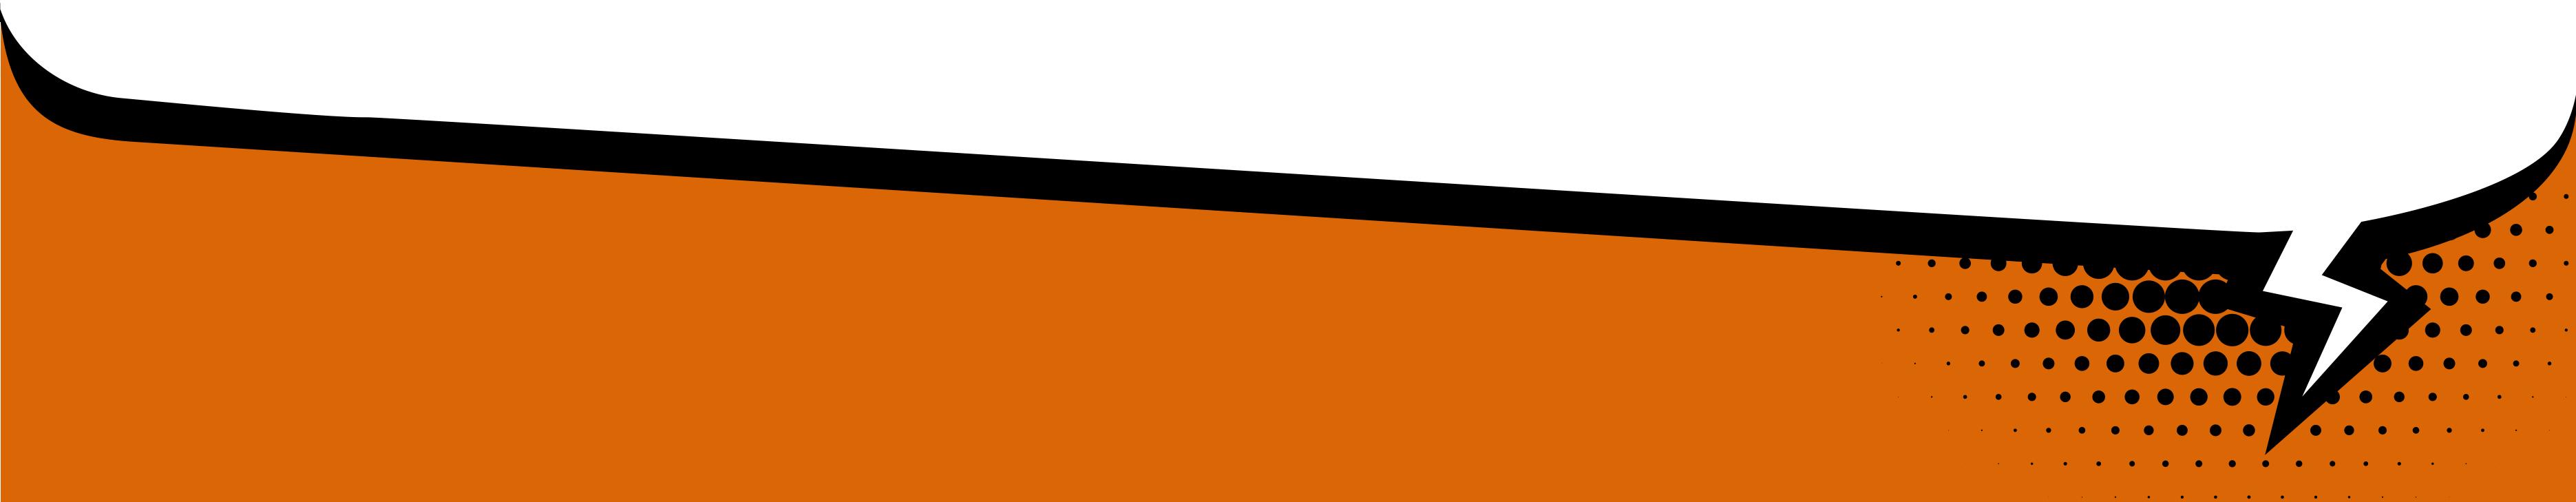 cartoon wolk divider 036